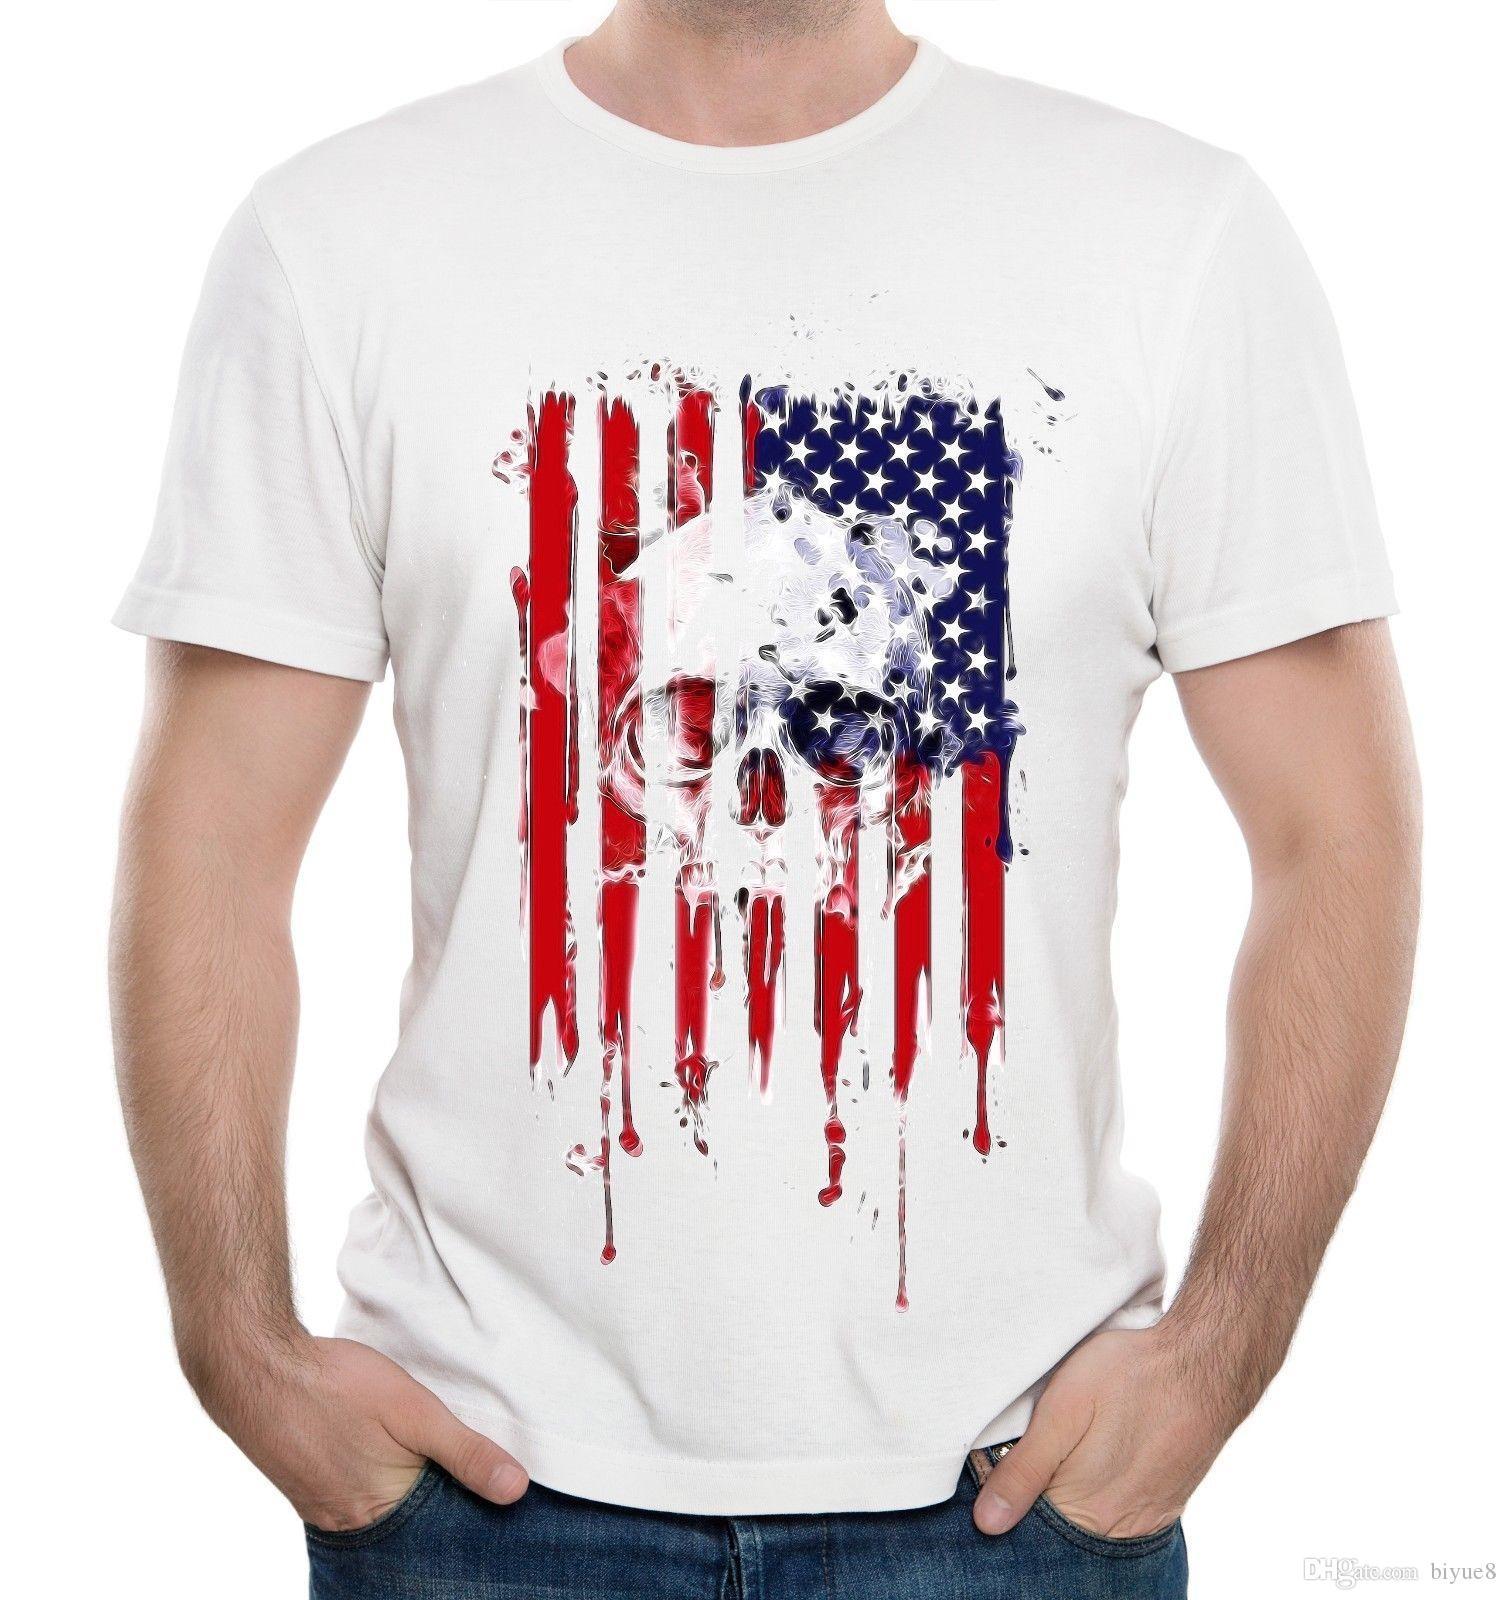 Compre Legal Dos Homens Do Crânio Americano Camiseta Rock Band EUA Orgulho  Bandeira S 3XL Manga Curta Camiseta Verão Estilo Moda Masculina T Camisas  Top Tee ... 3854c32c7cc42